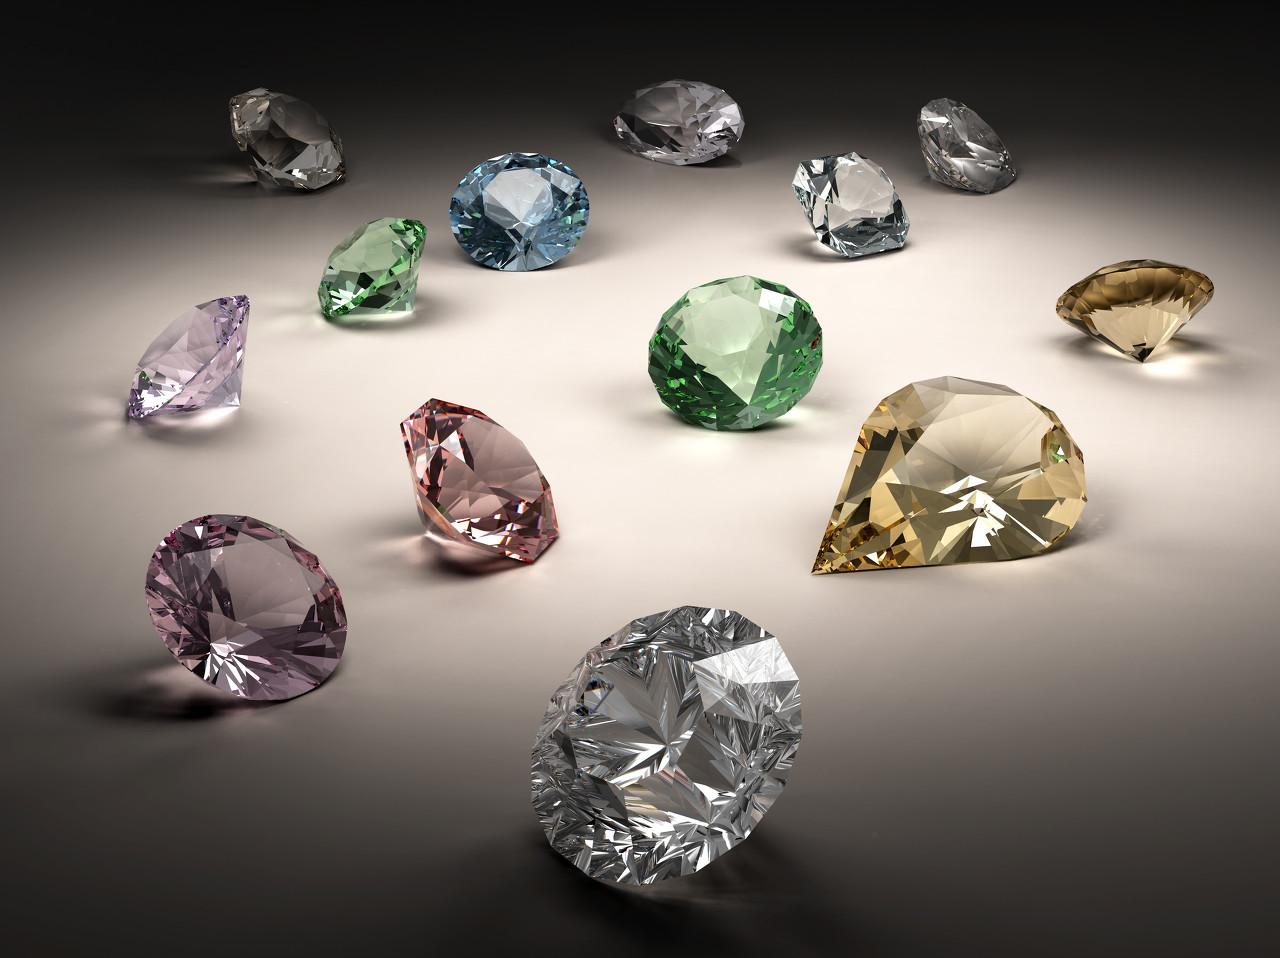 2020中国国际珠宝展圆满落幕 彩色宝石再次成为焦点